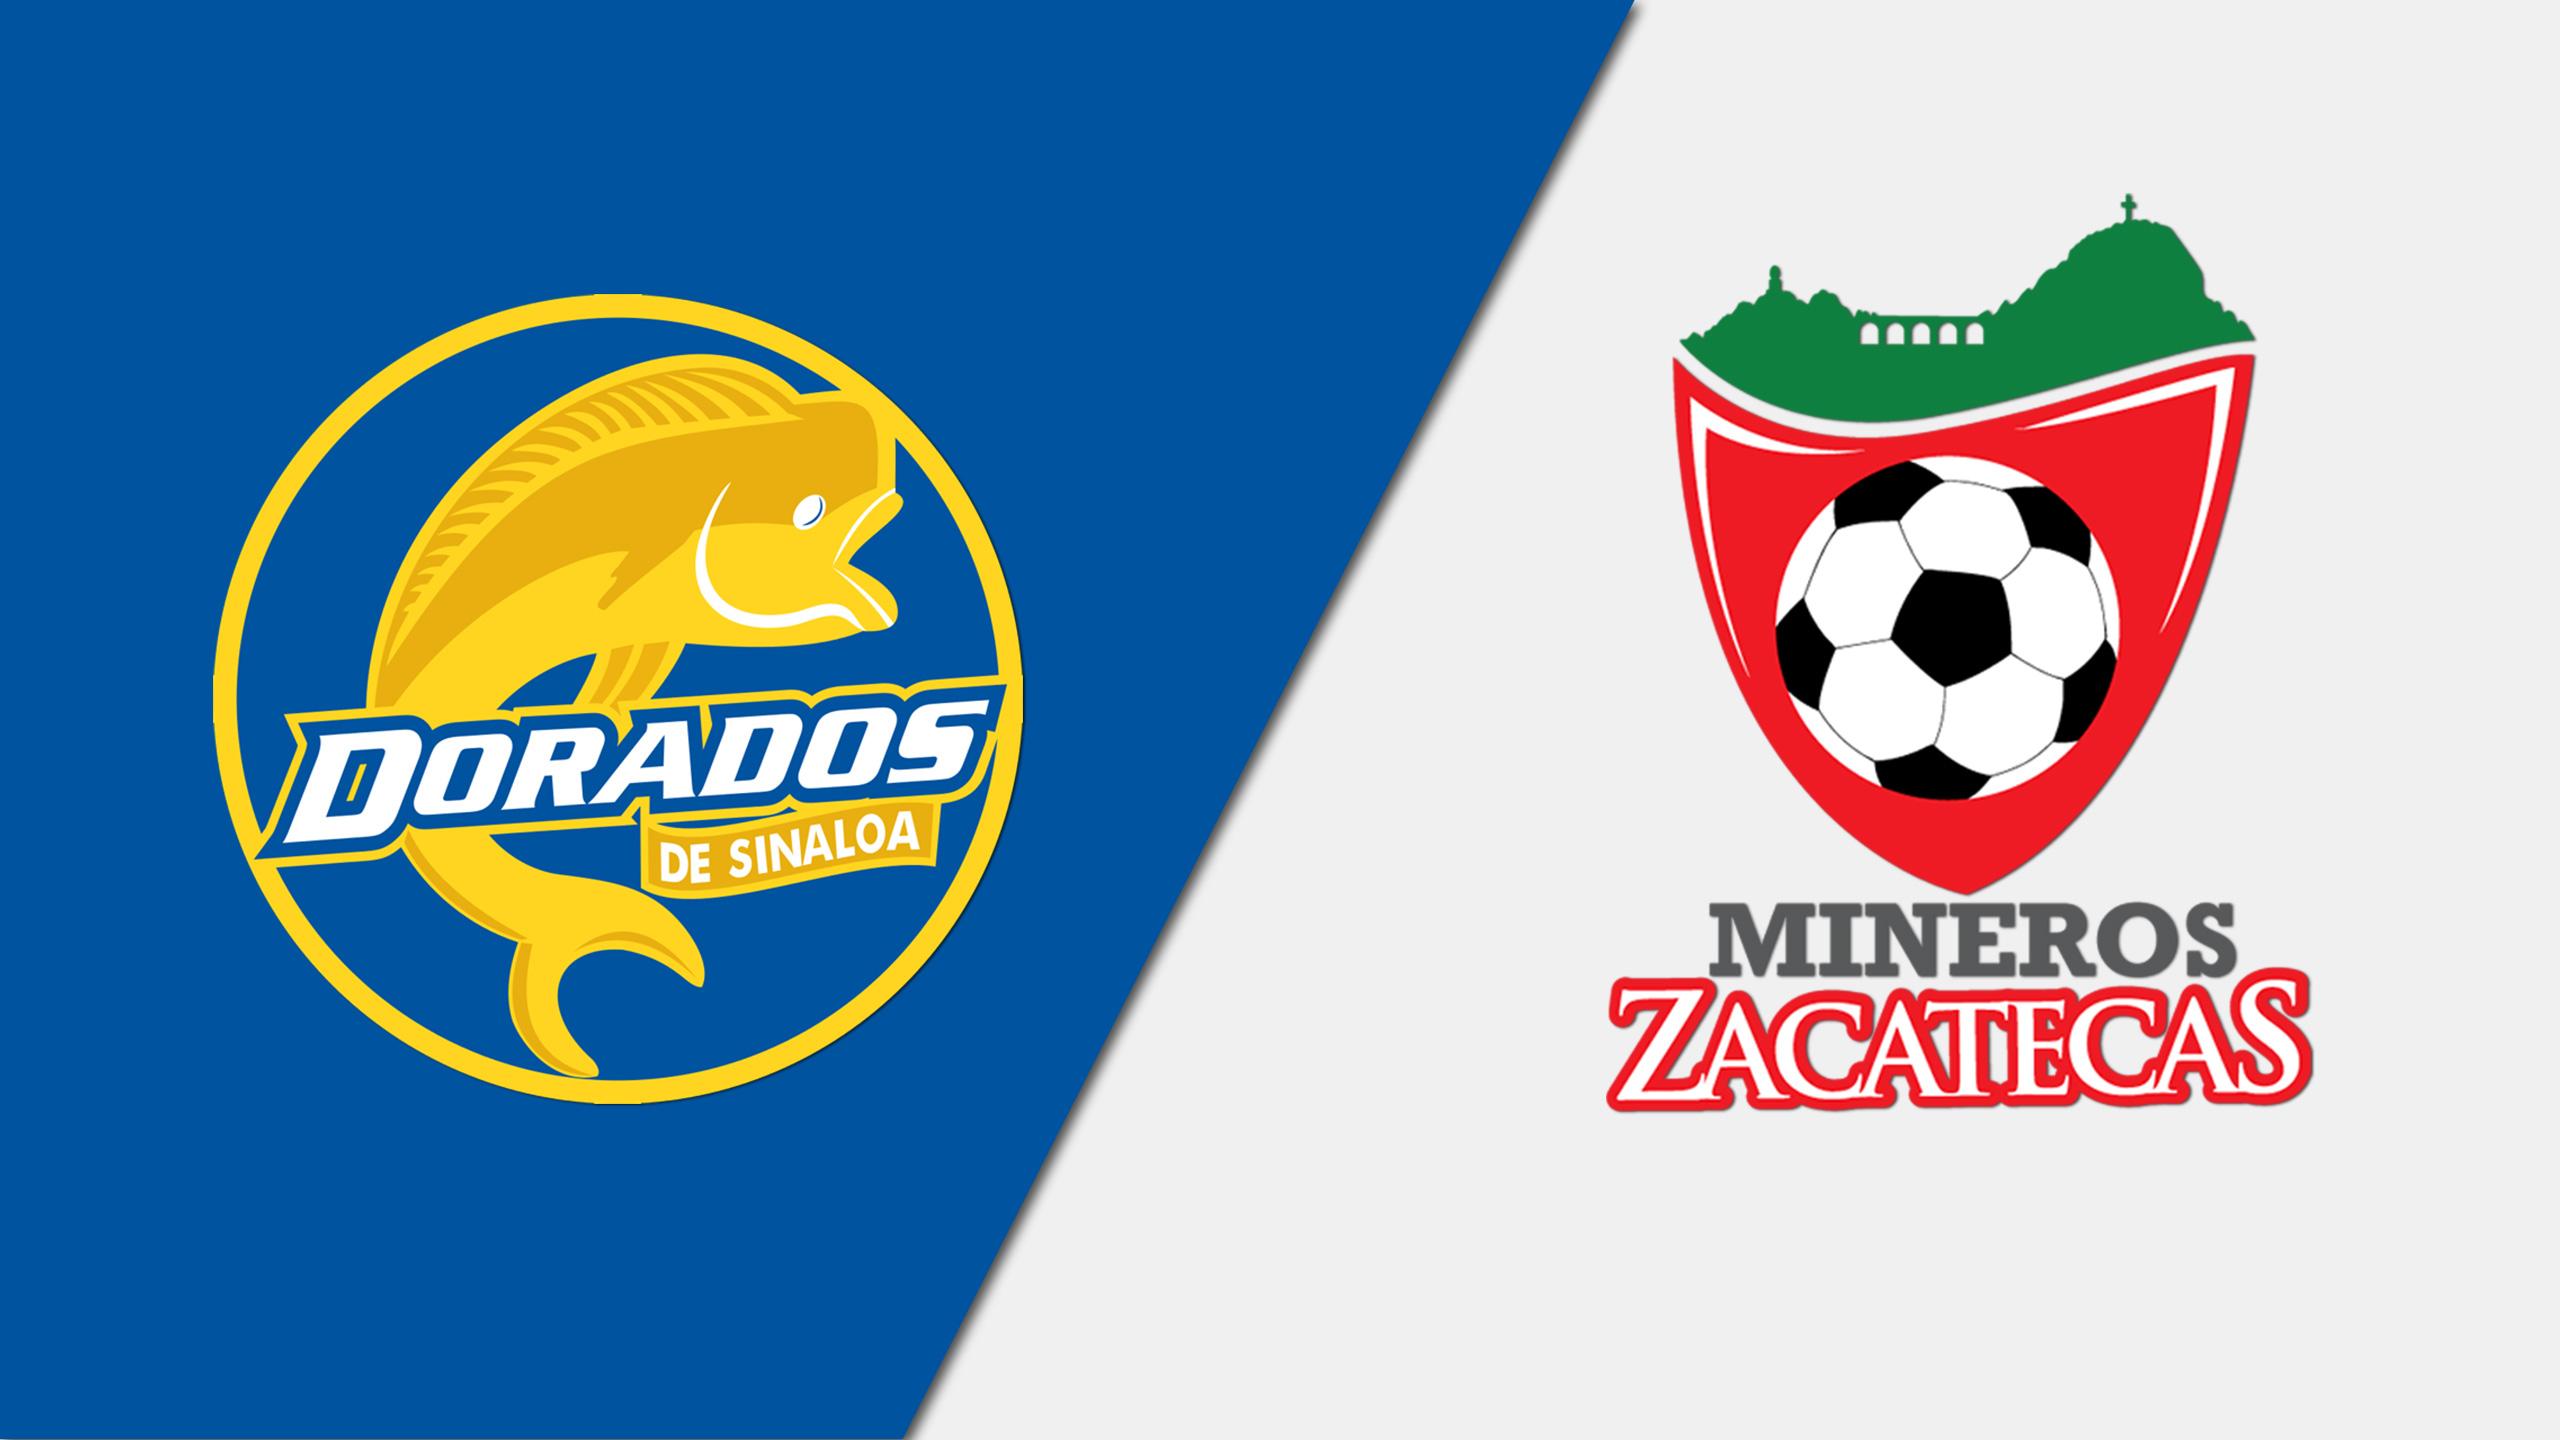 Dorados de Sinaloa vs. Mineros de Zacatecas (Quarterfinals, Leg 1)